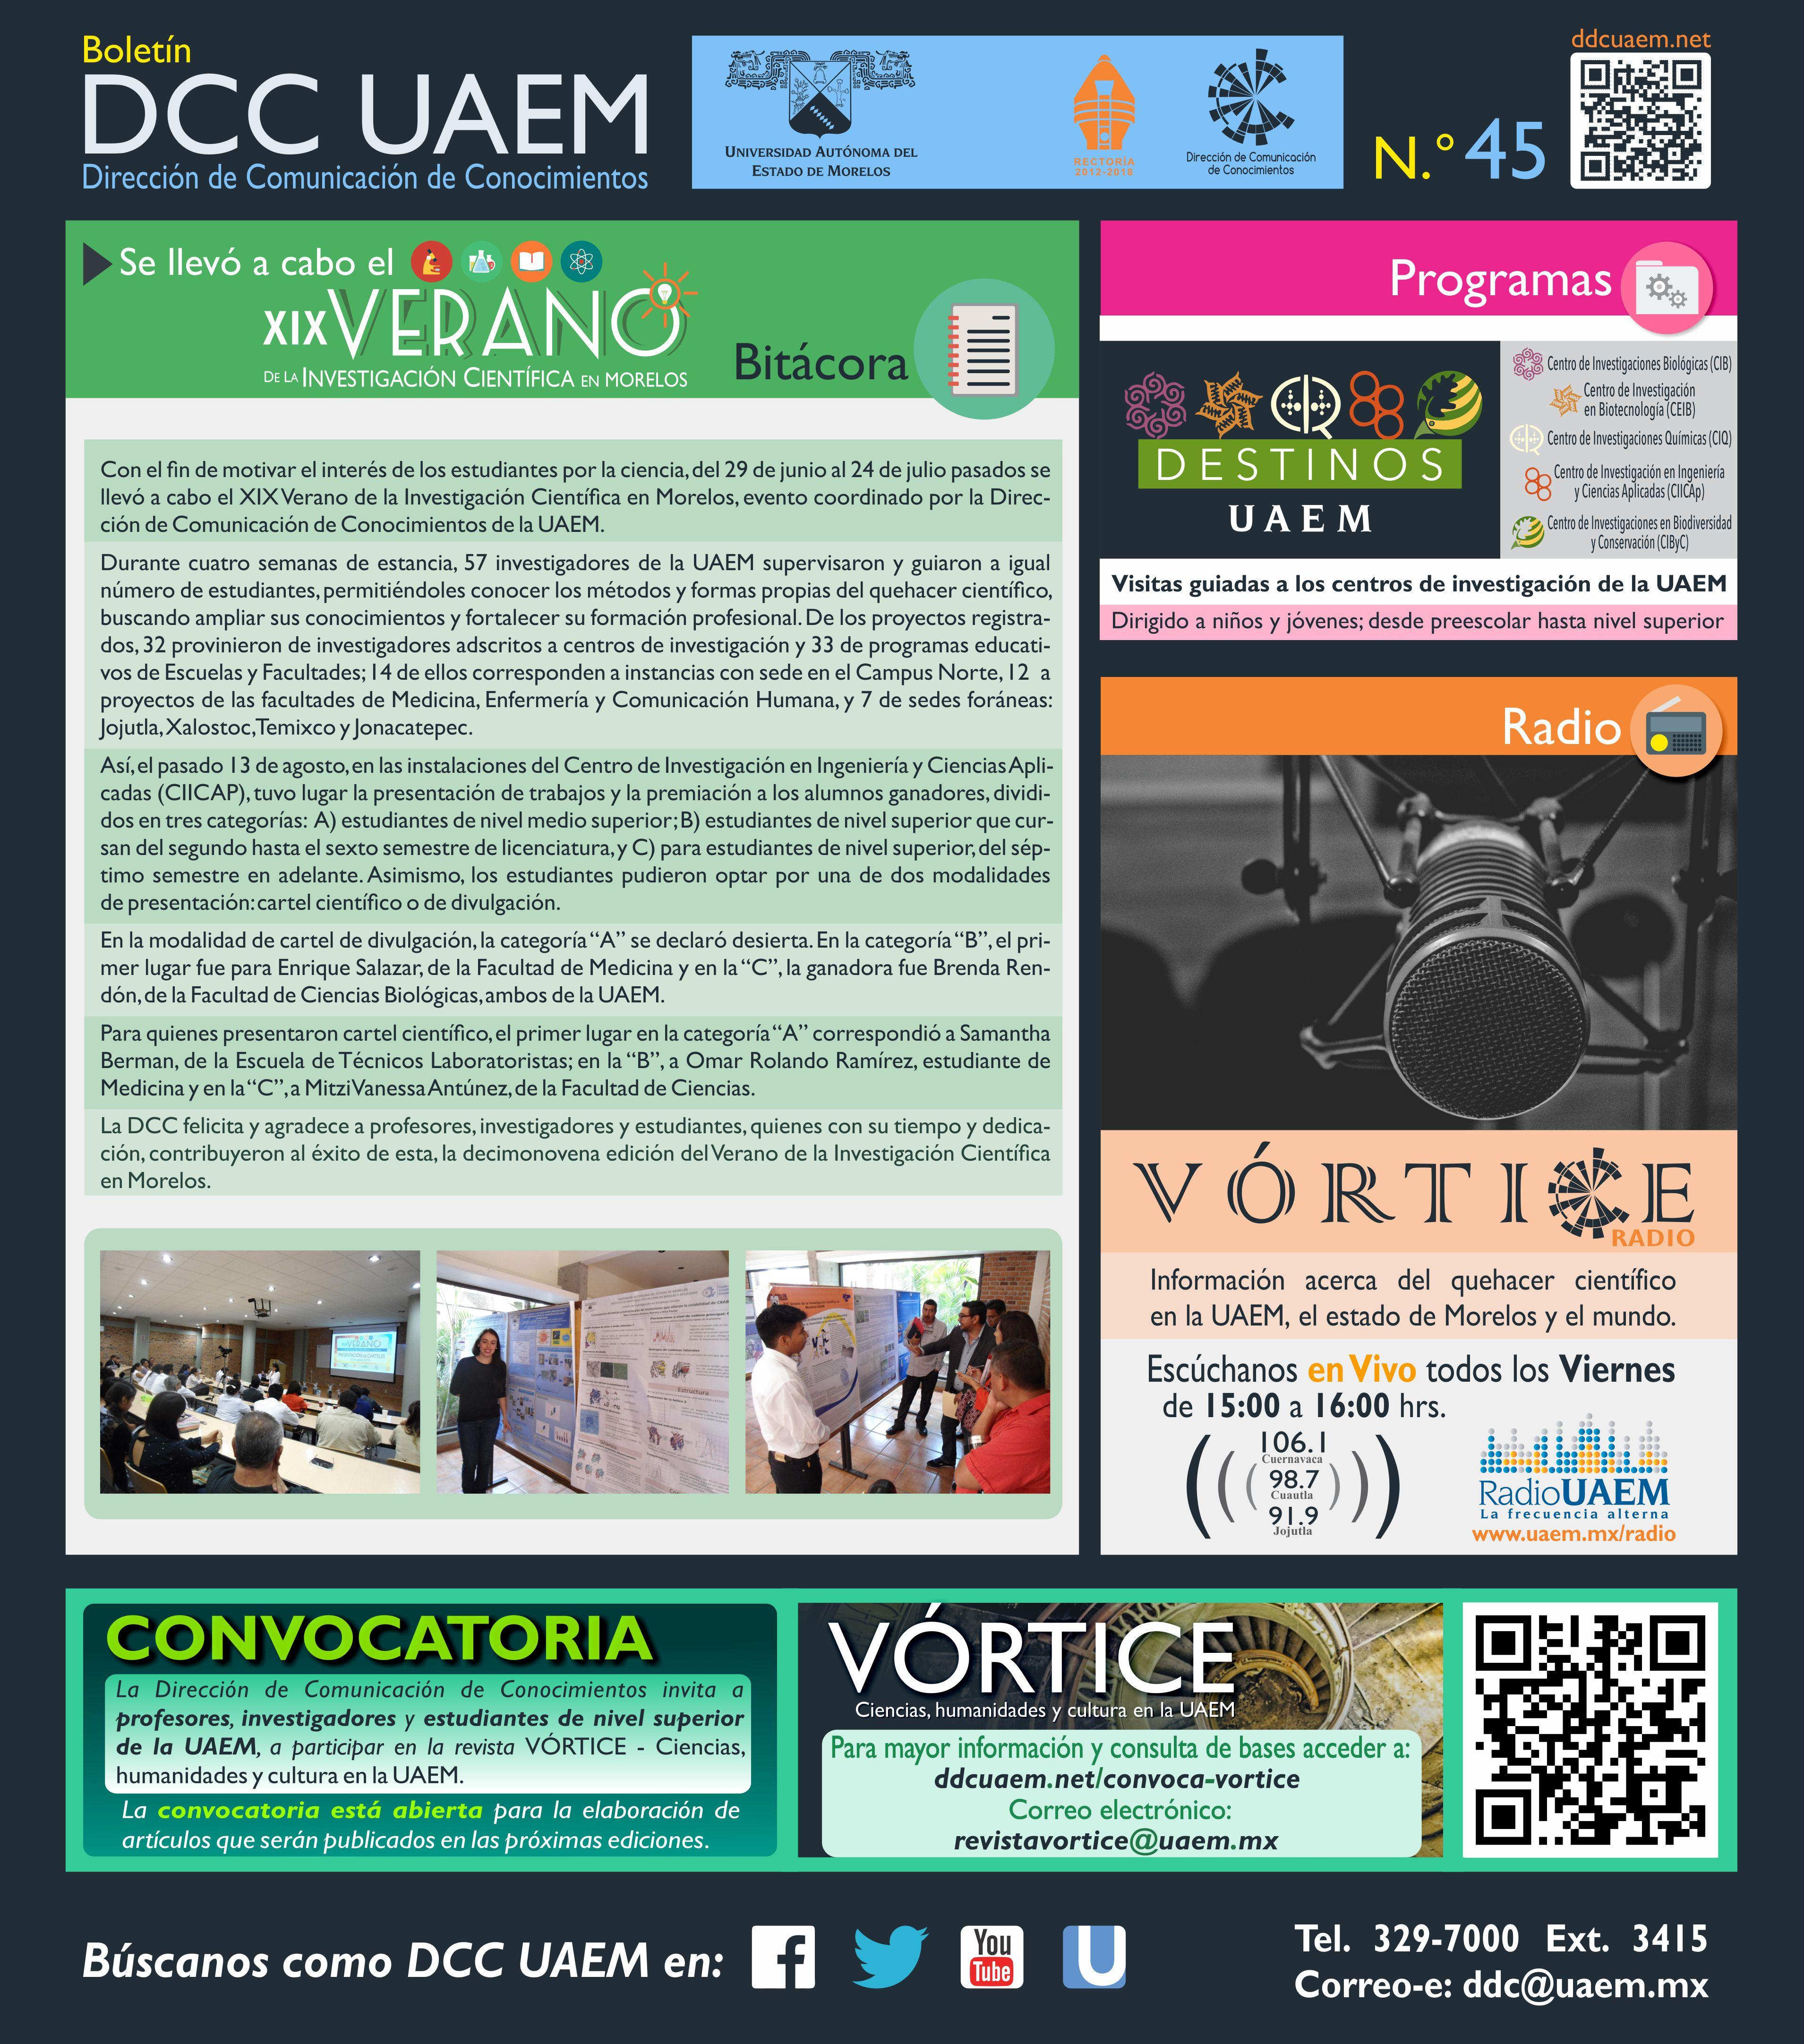 Boletín DCC - 45